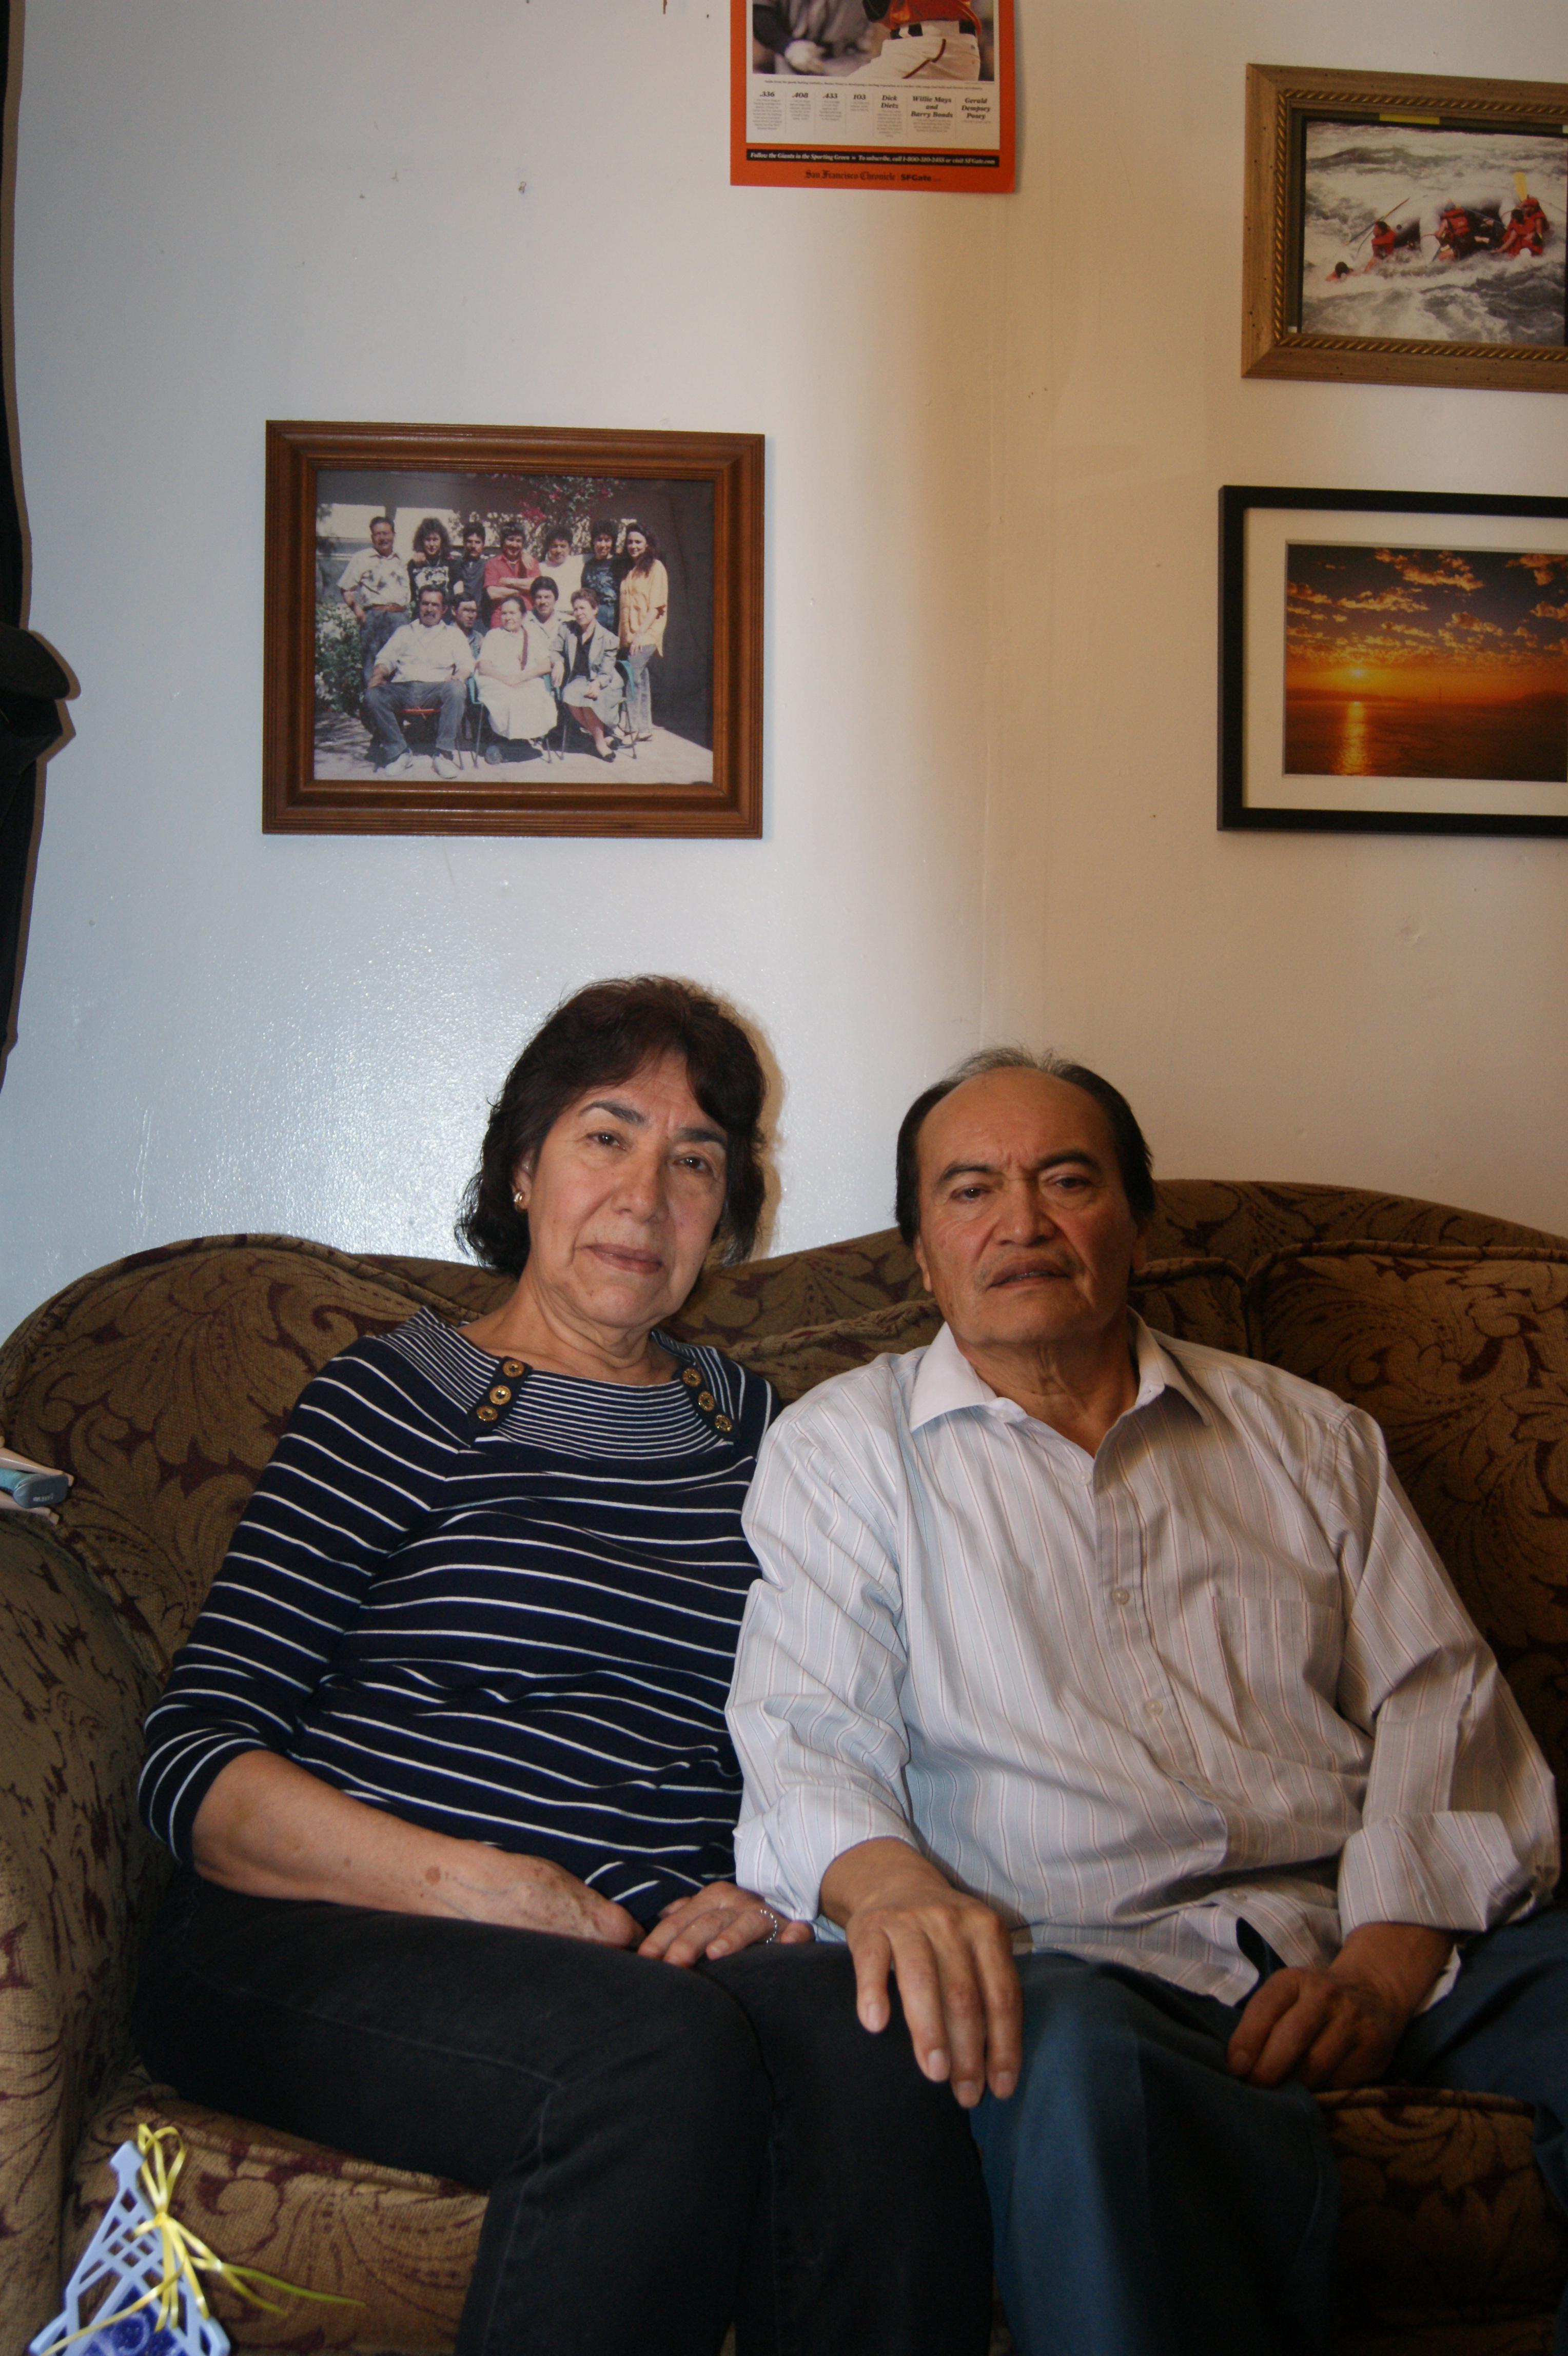 Elvira y Refugio Nieto en la sala de su casa. Foto: Fernando Andrés Torres.